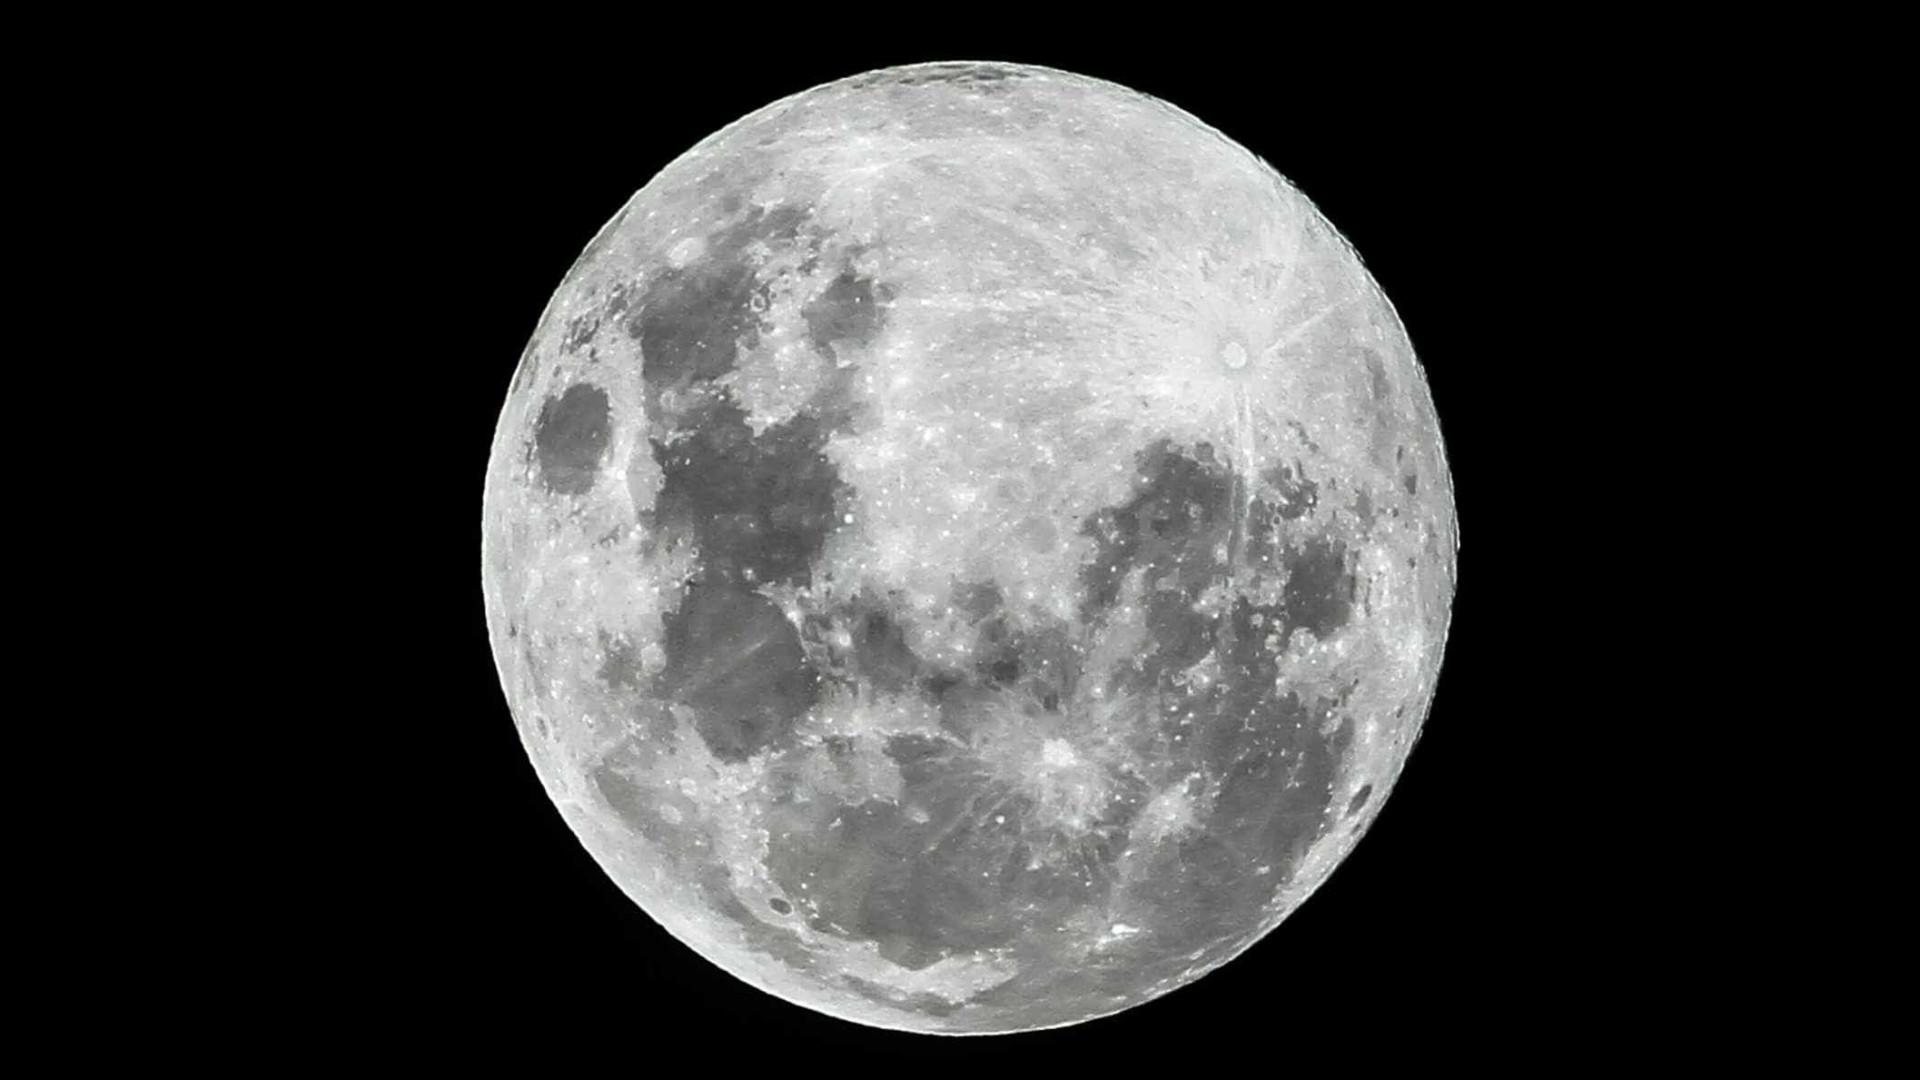 Sonda conclui que solo do lado oculto da lua é idêntico ao visível